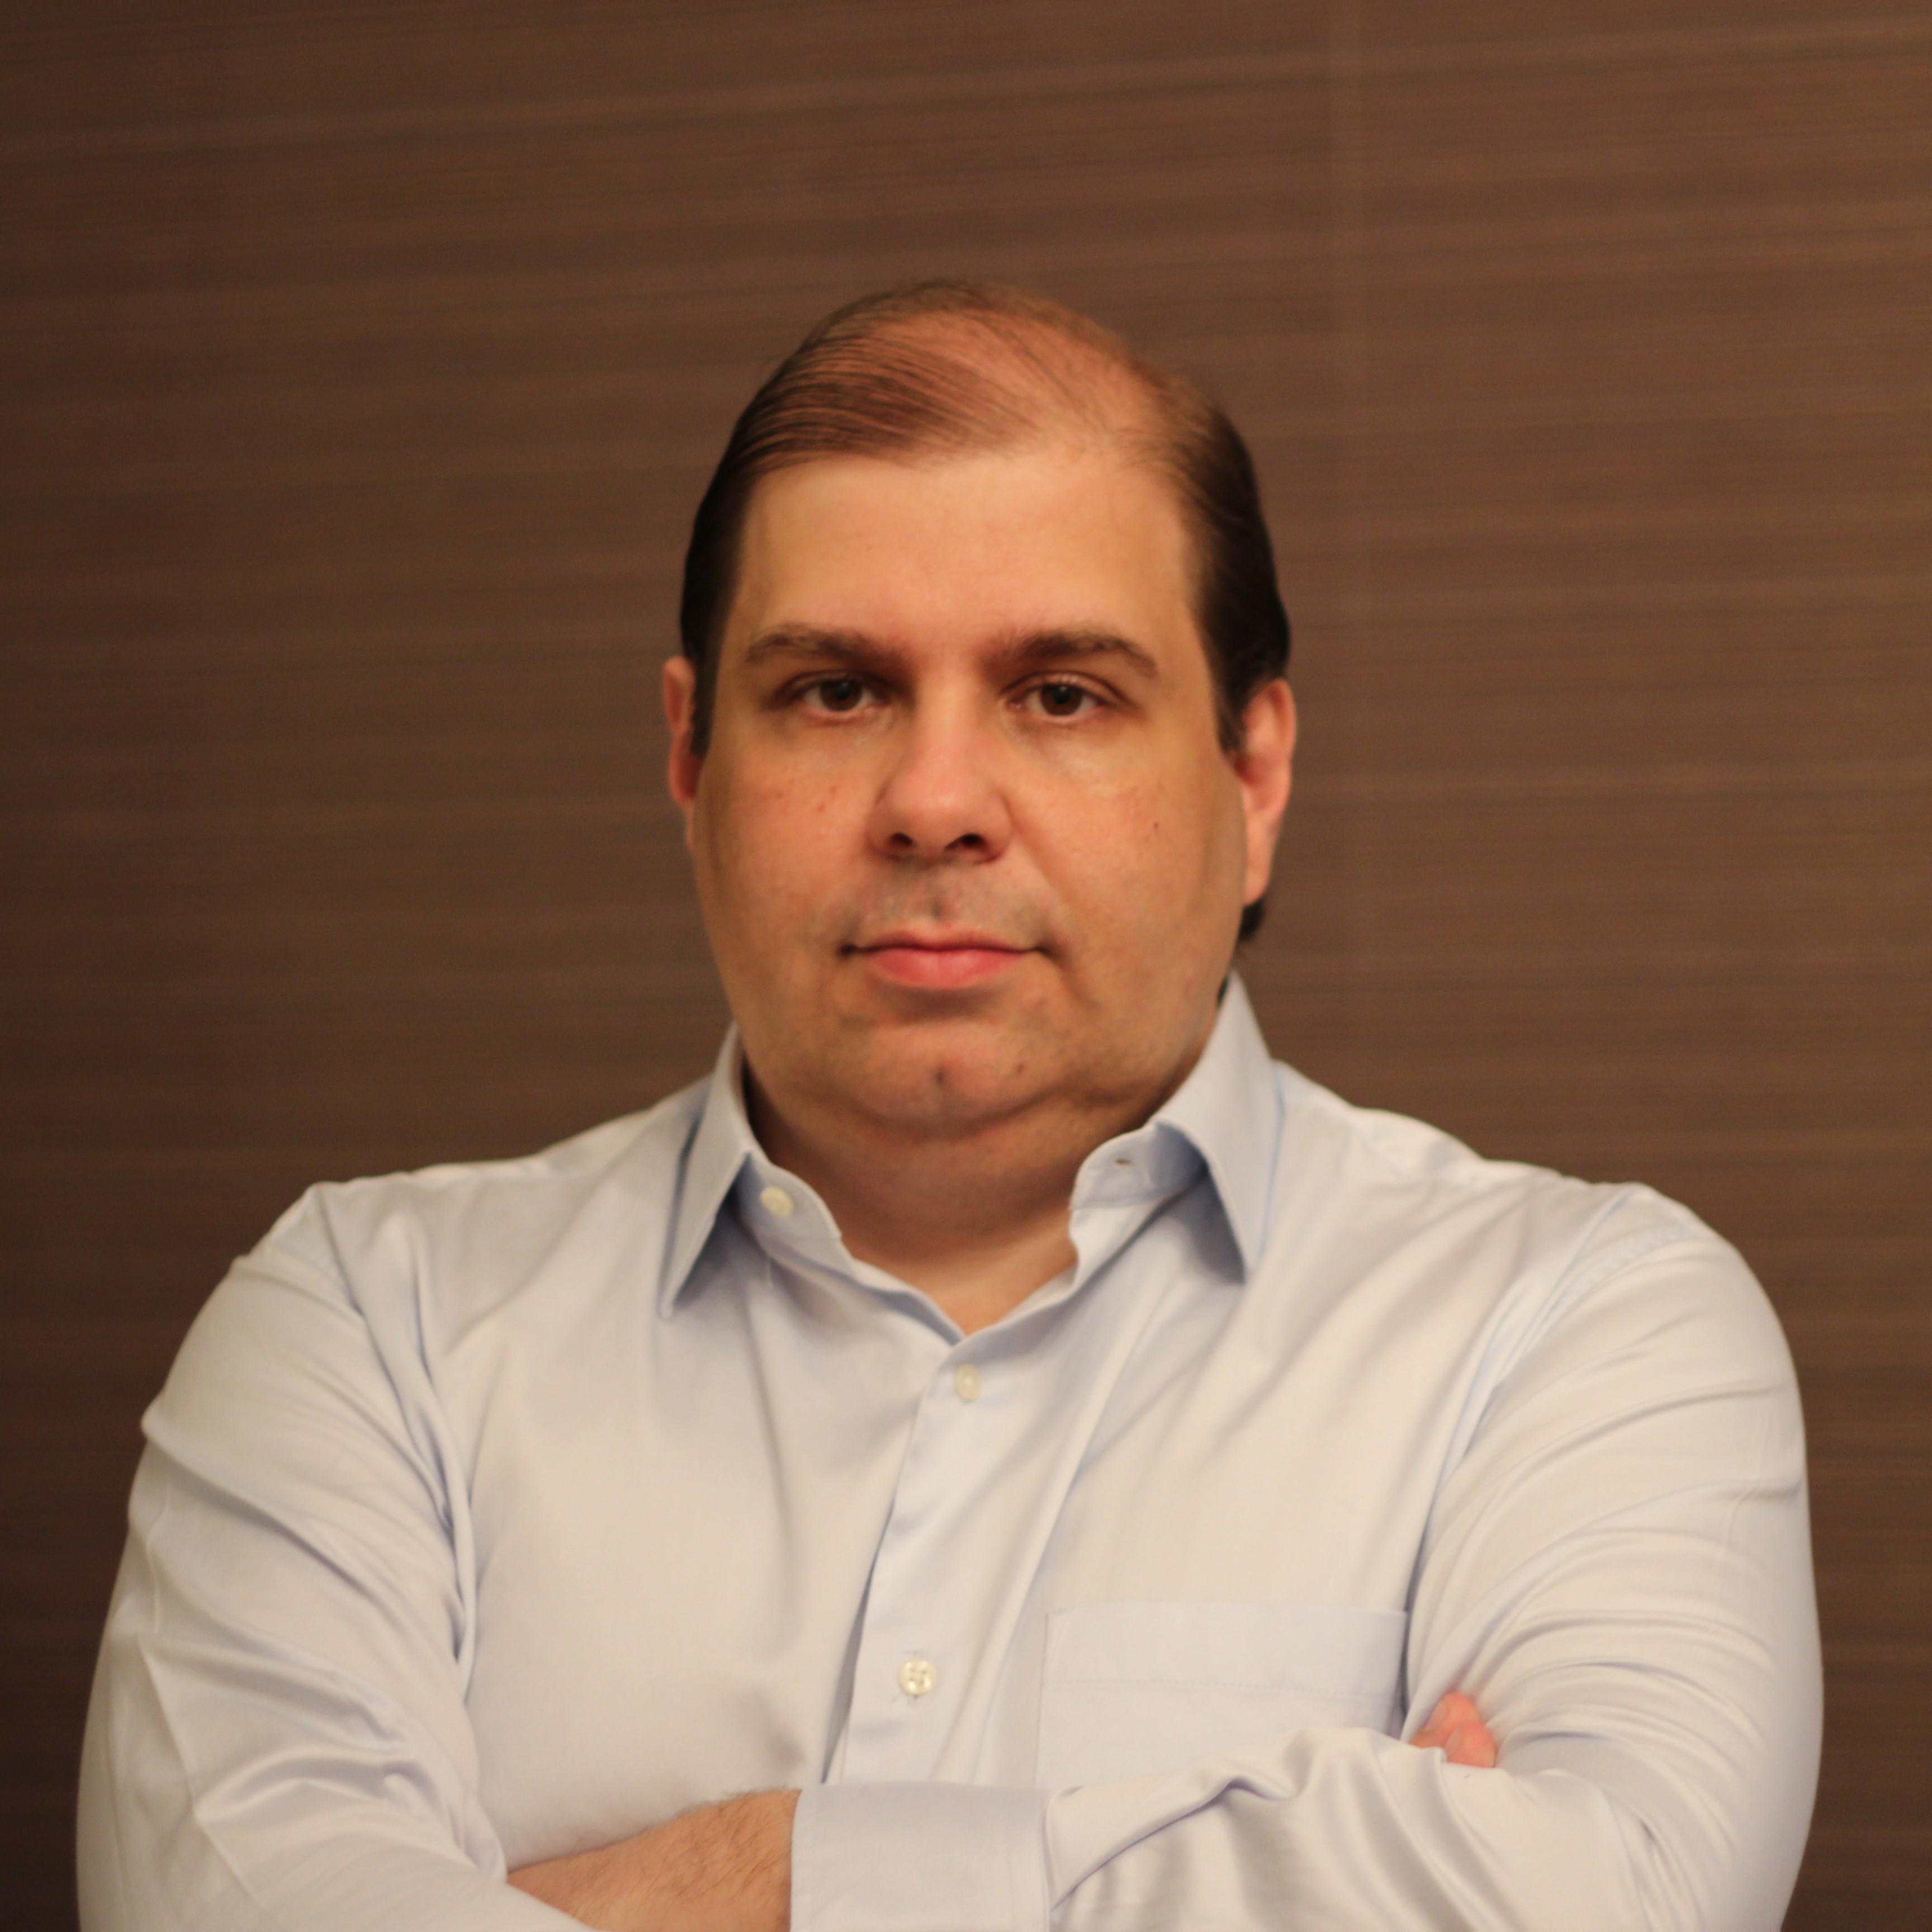 Carlos L L Rischioto